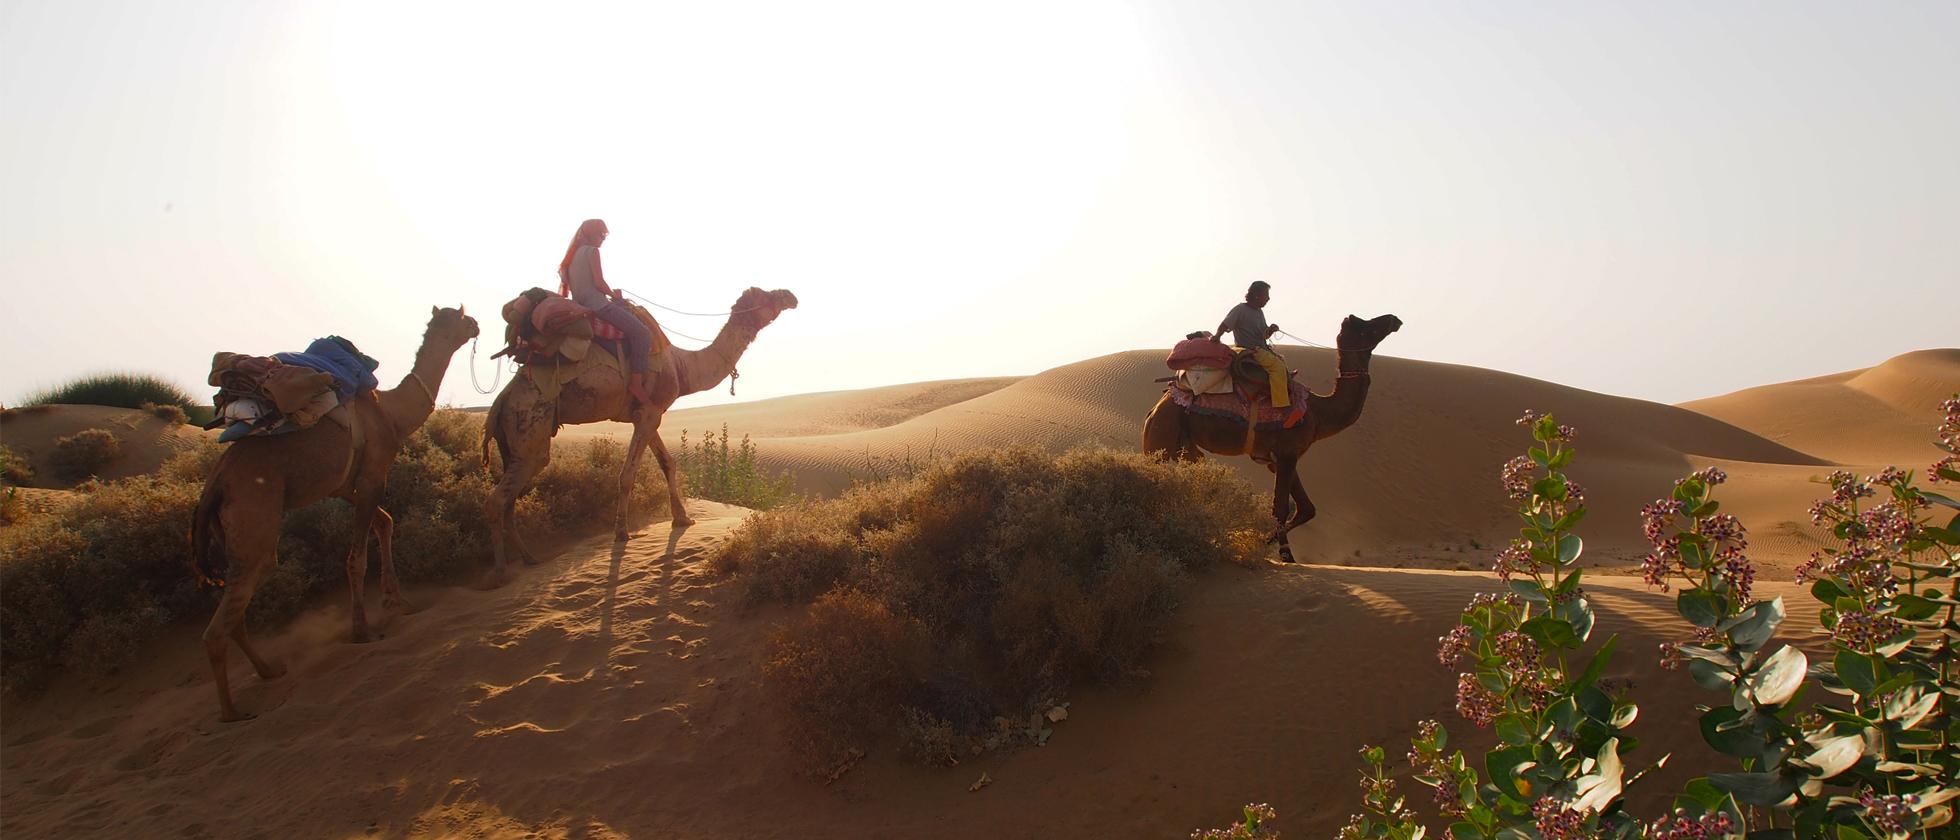 Fotoreportage Kamelen-safari: Hobbelend Door De Woestijn